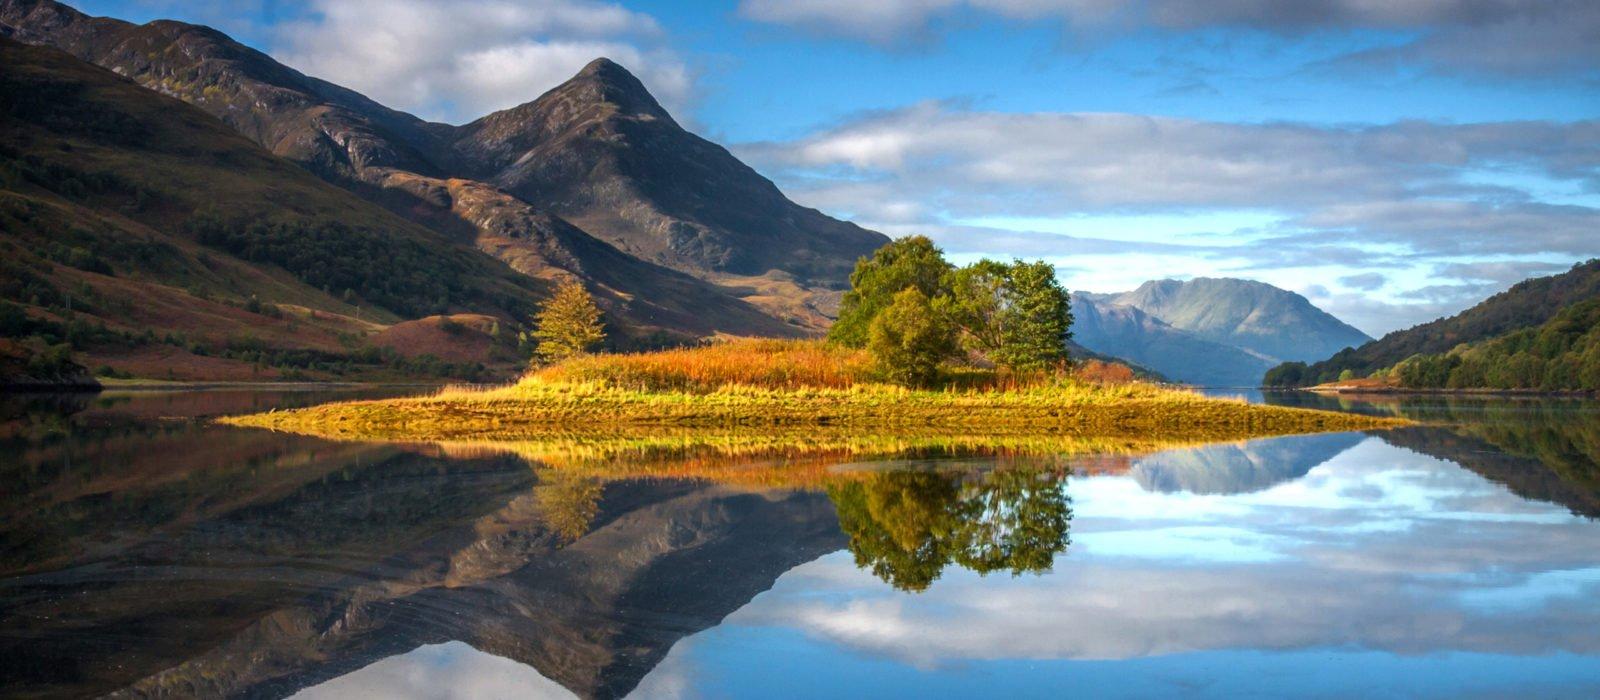 Glencoe Loch Leven Scotland